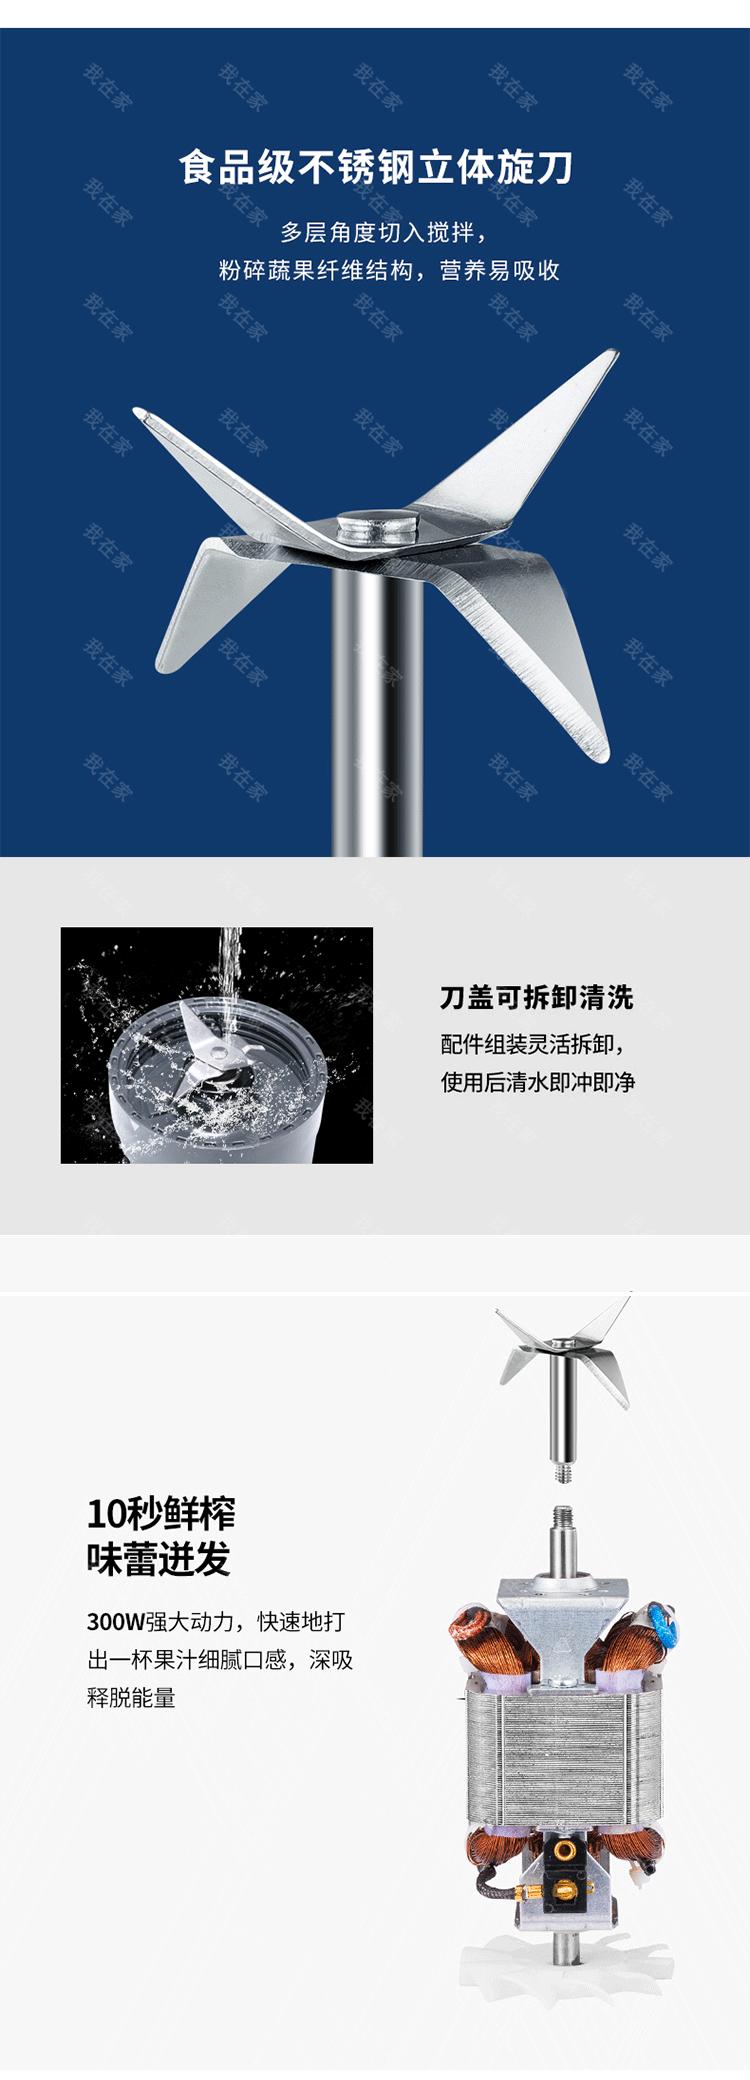 摩飞品牌摩飞便携式果汁机的详细介绍